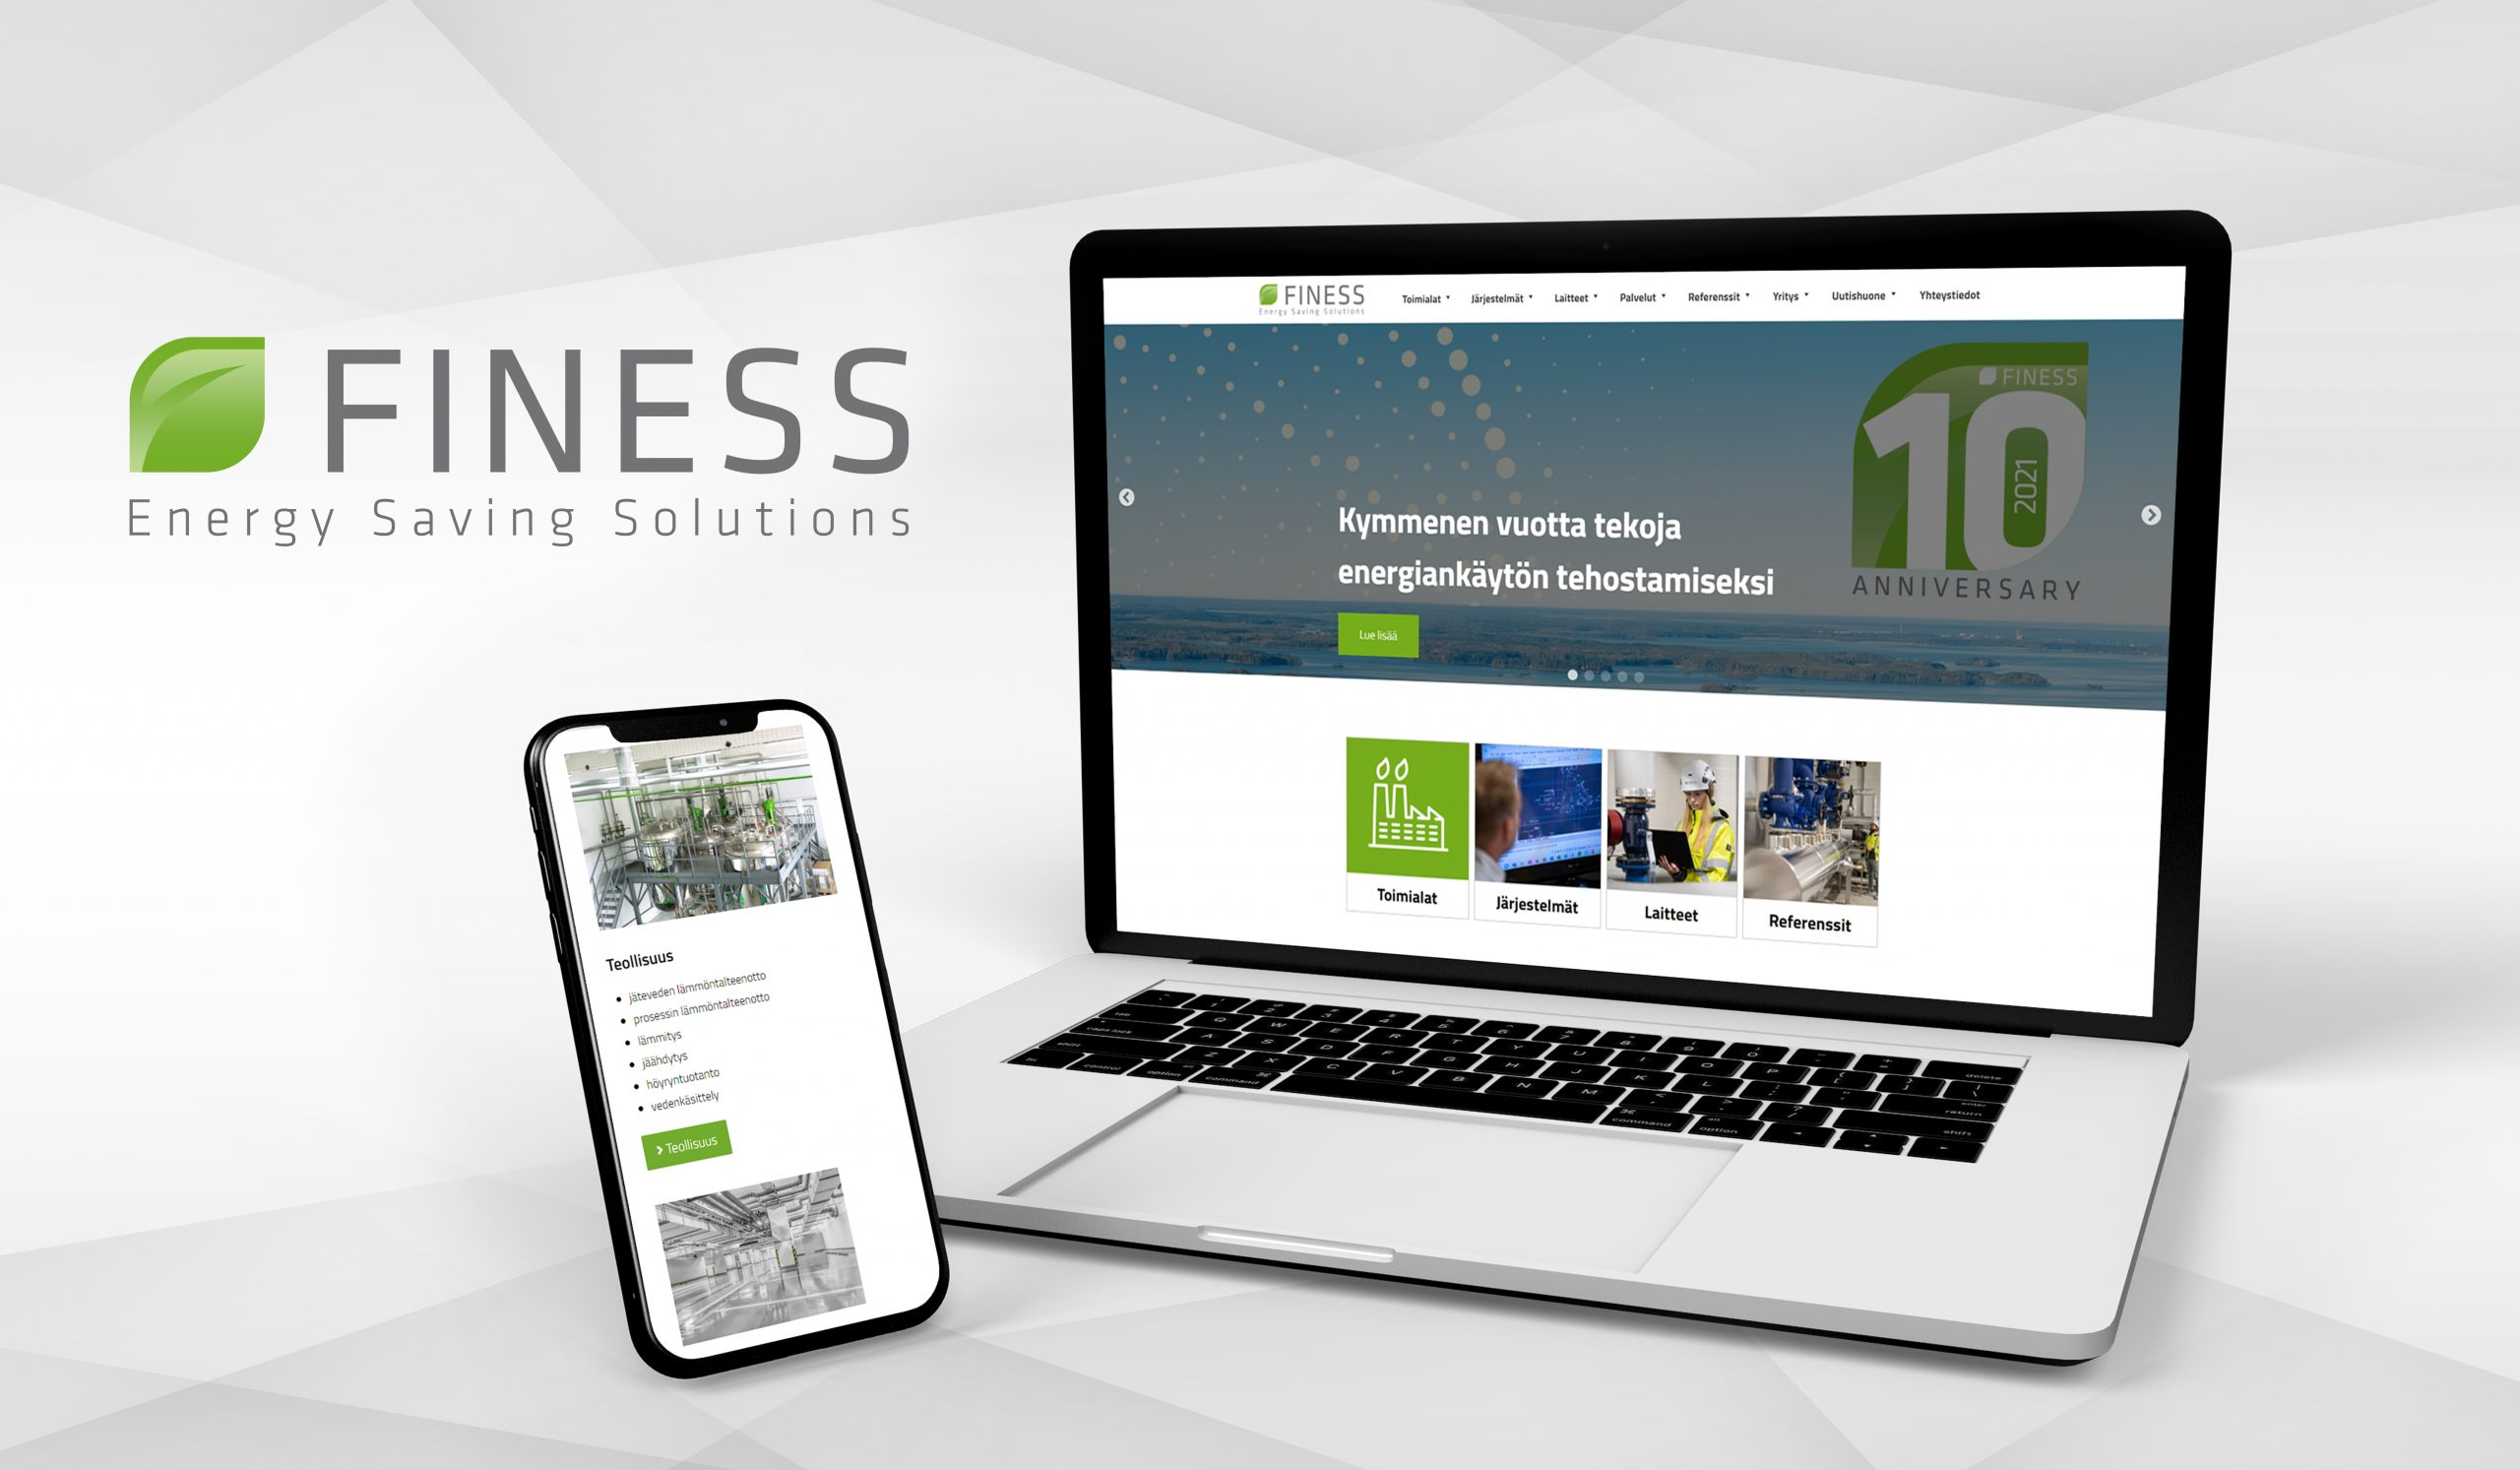 Kasvua tukeva verkkosivusto sisältöineen teollisuuden energiatehokkuusratkaisujen toimittajalle